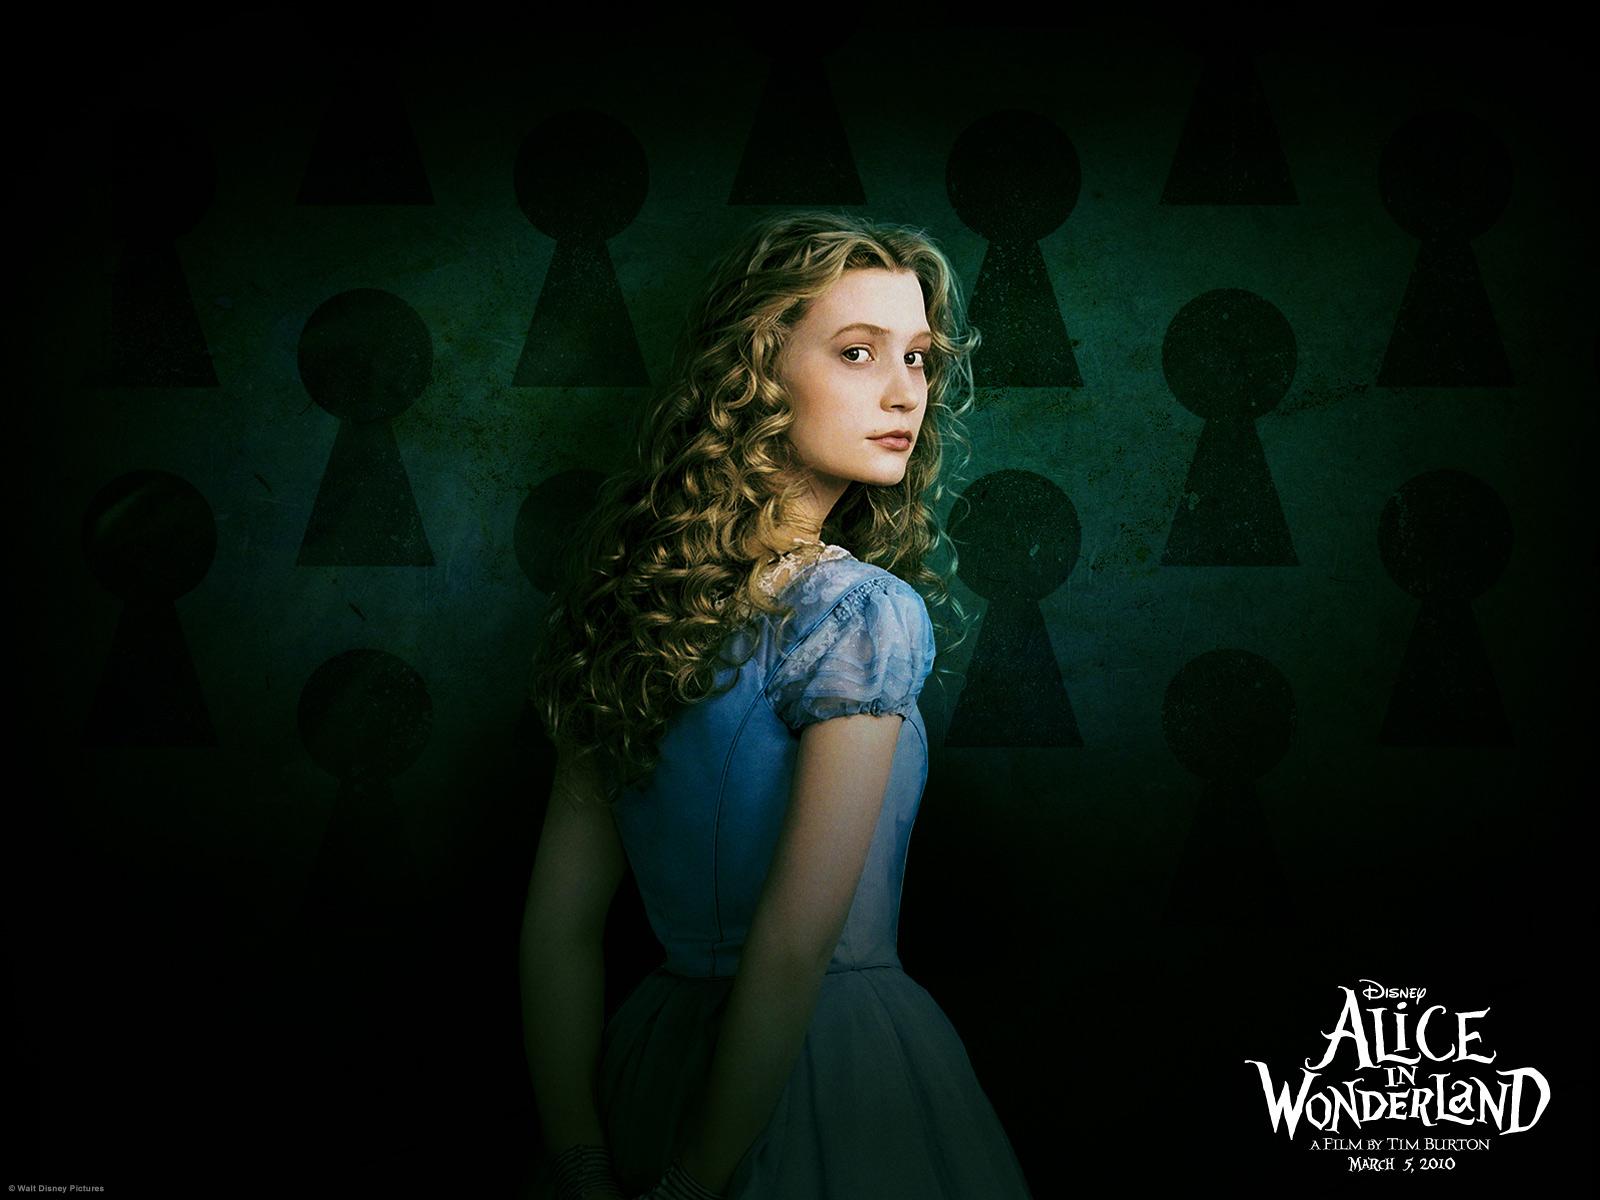 http://2.bp.blogspot.com/_2ZMSuPPIR4s/TR2CJbjJFkI/AAAAAAAAAJk/wU7CFqBR6yw/s1600/Alice_in_Wonderland%252C_2010%252C_Mia_Wasikowska%252C_Johnny_Depp%252C_Helena_Bonham_Carter.jpg